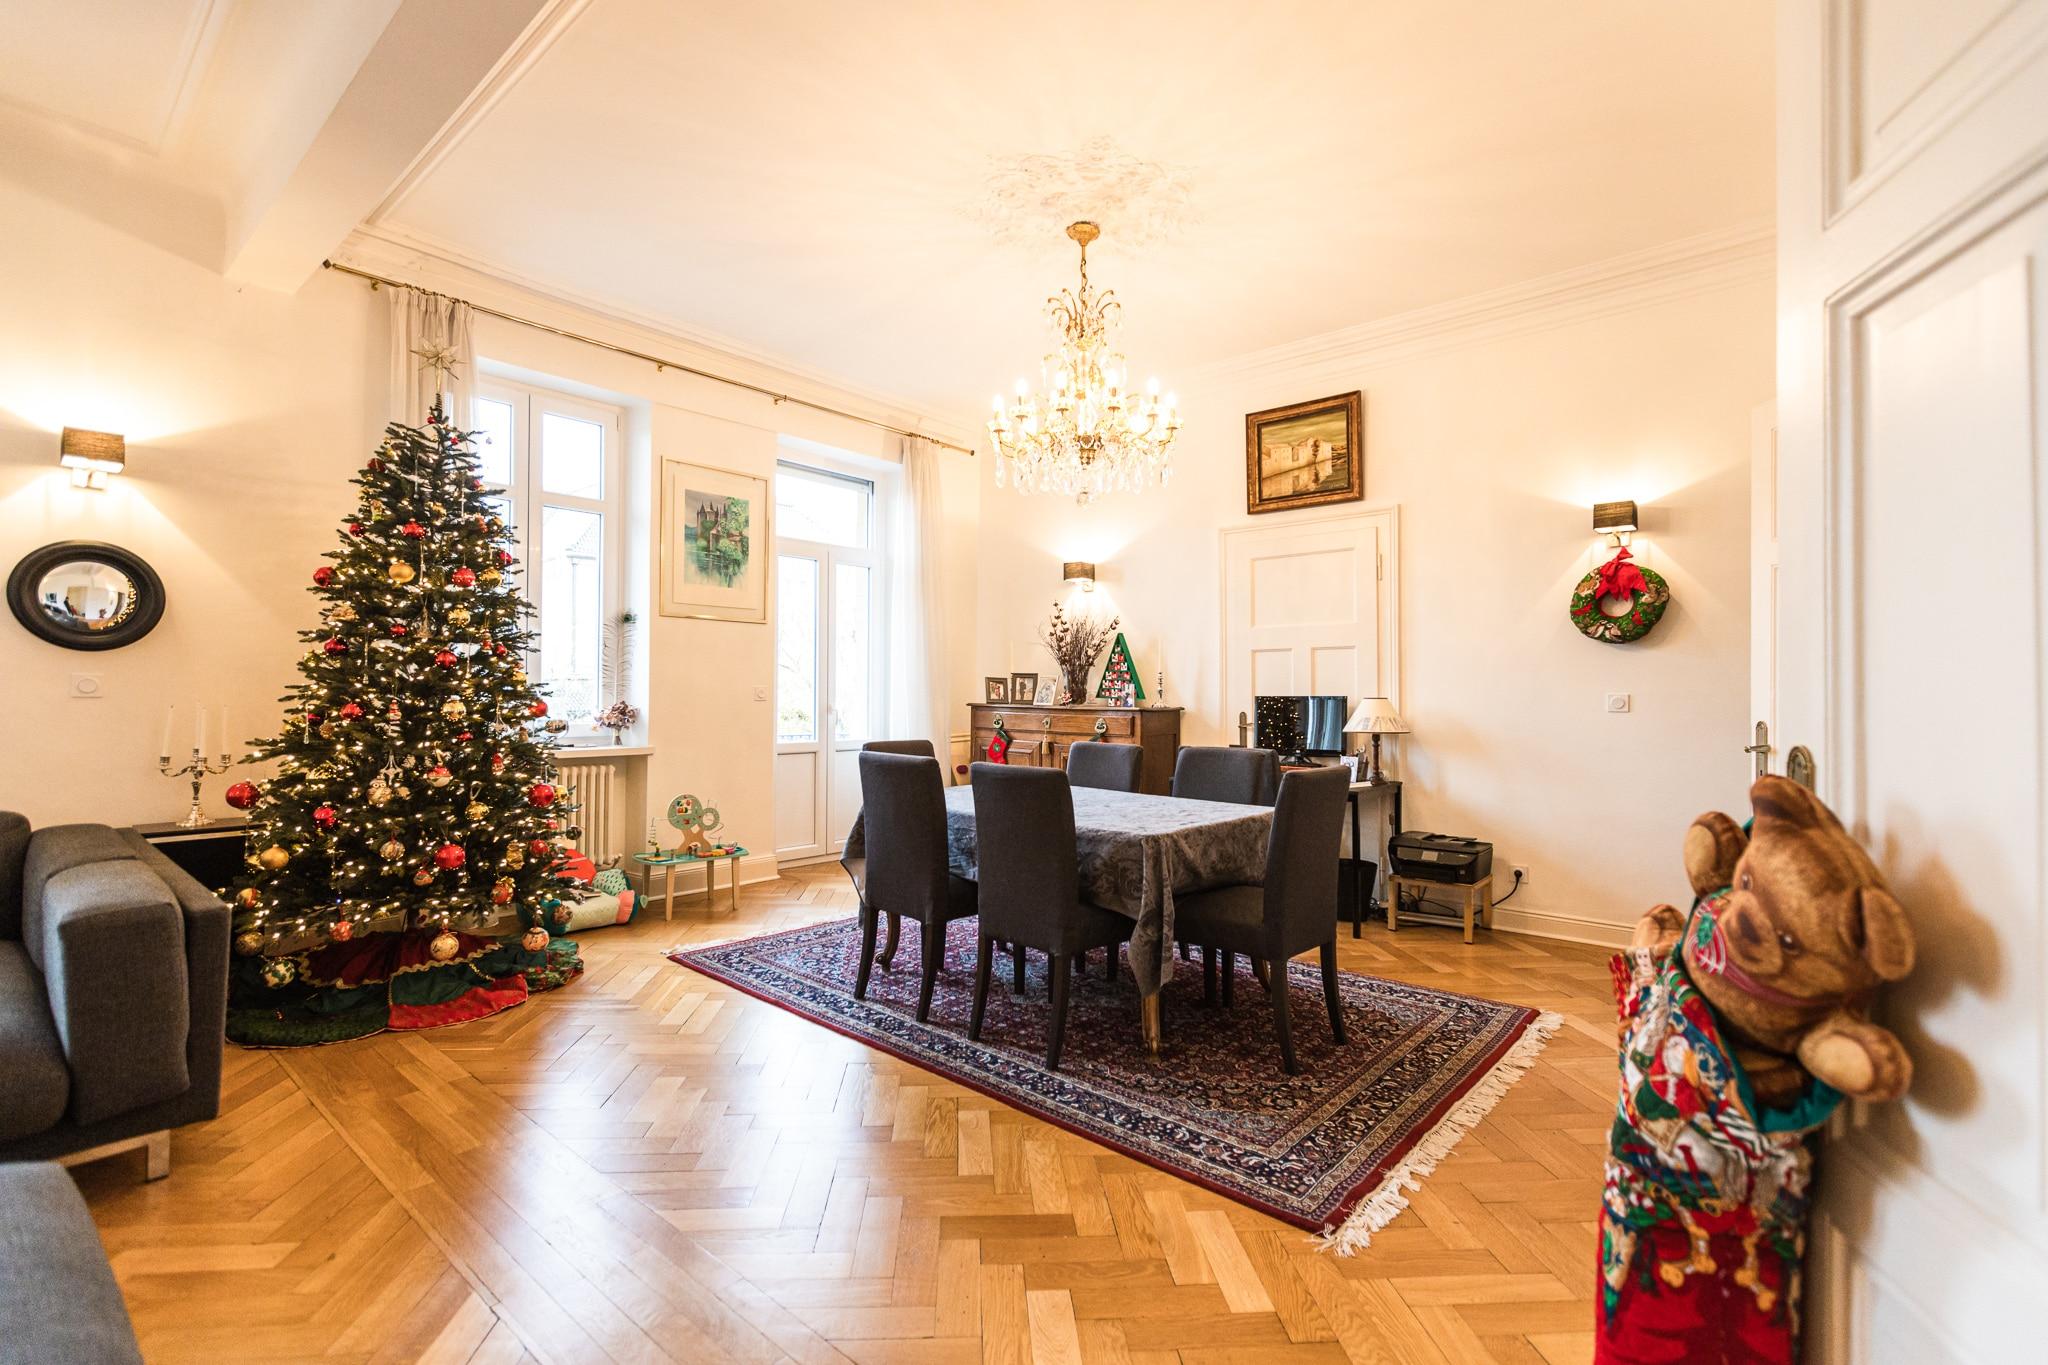 Photo immobilière HDR d'une salle à manger avec un sapin de Noël.